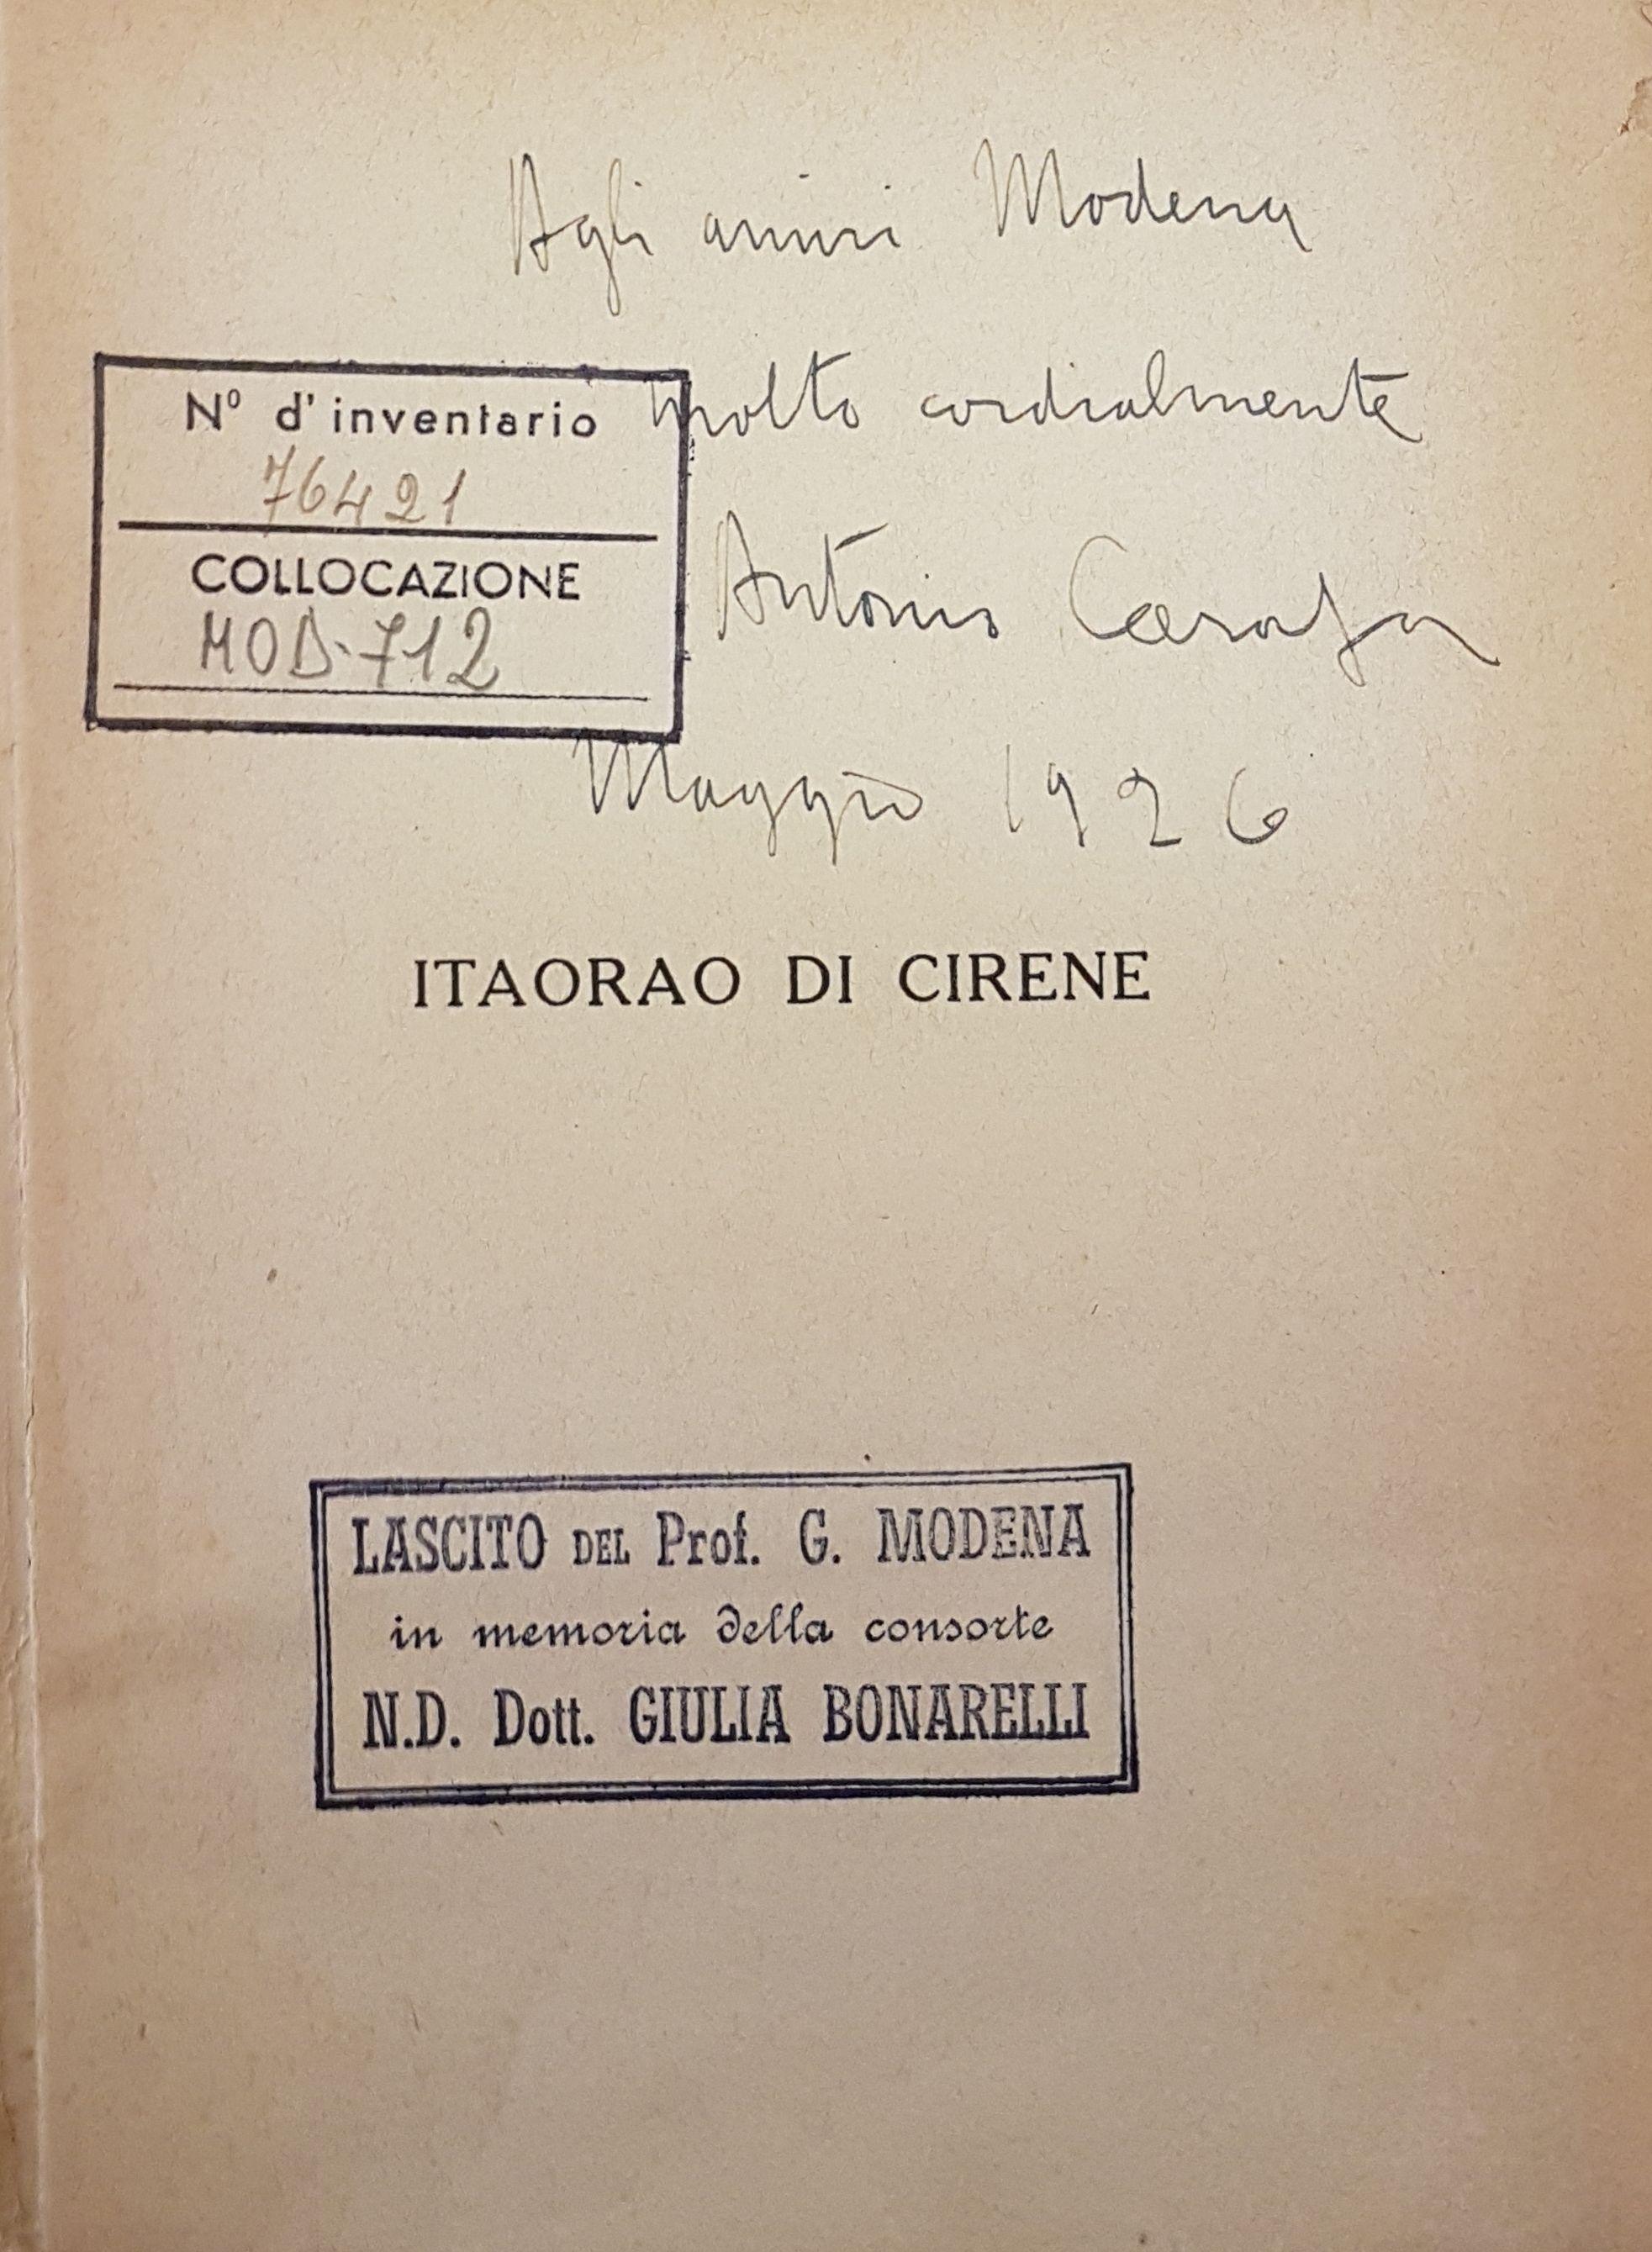 DAL FONDO MODENA DELLA BIBLIOTECA BENINCASA Itaorao di Cirene / Antonio Carafa. - Napoli : Gaspare Casella, [dopo il 1924]. MOD. 712